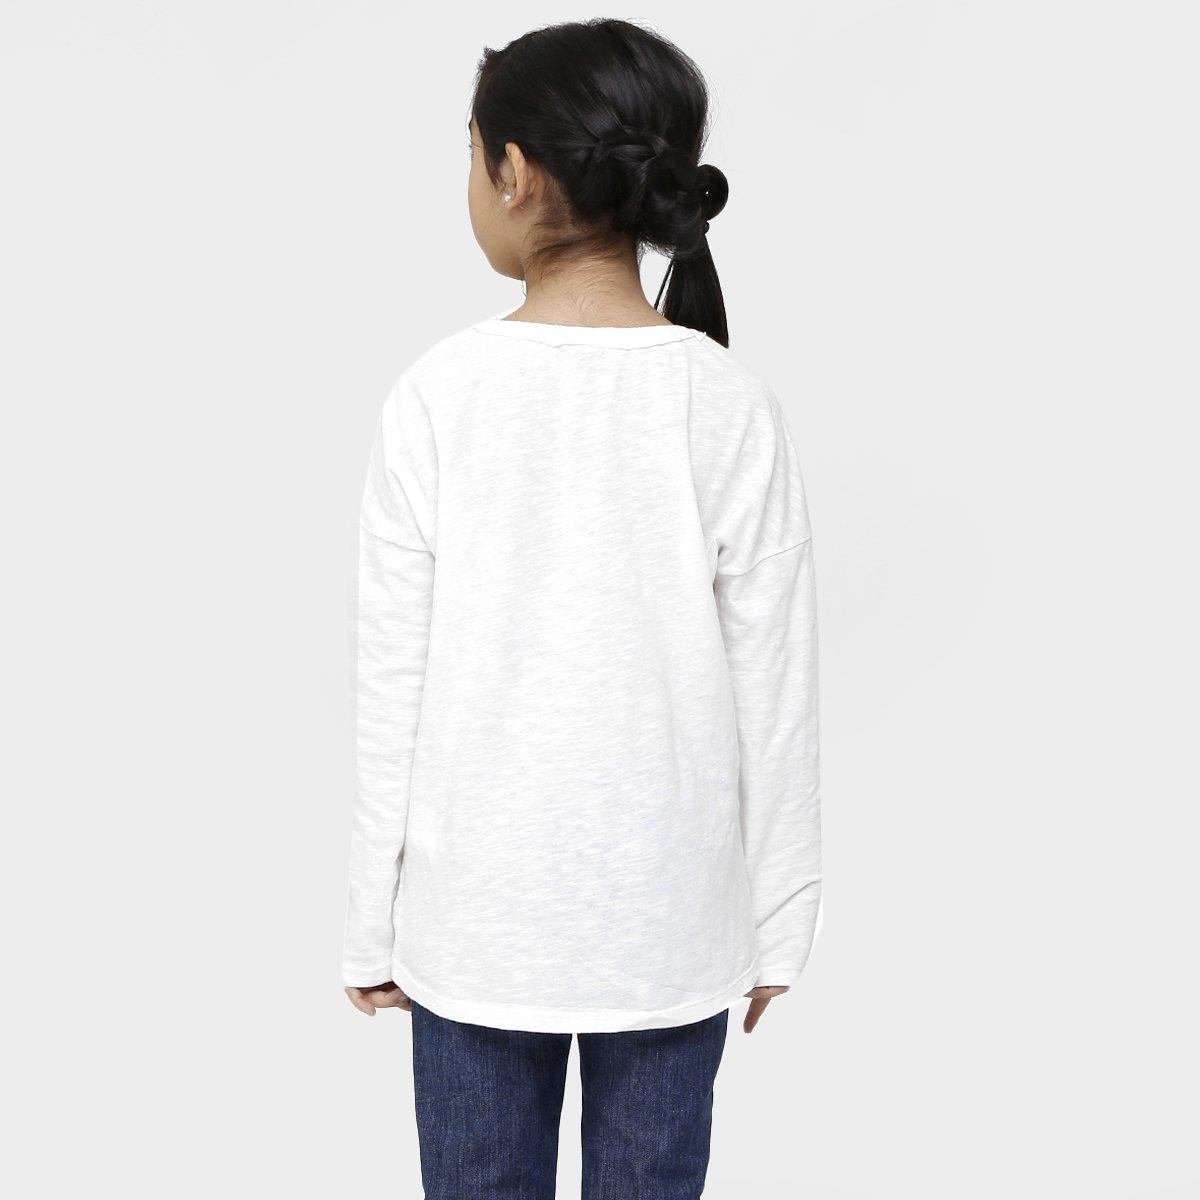 Estampada Camiseta Camiseta Estampada White Infantil Benetton Benetton Off Infantil c6HqHXU